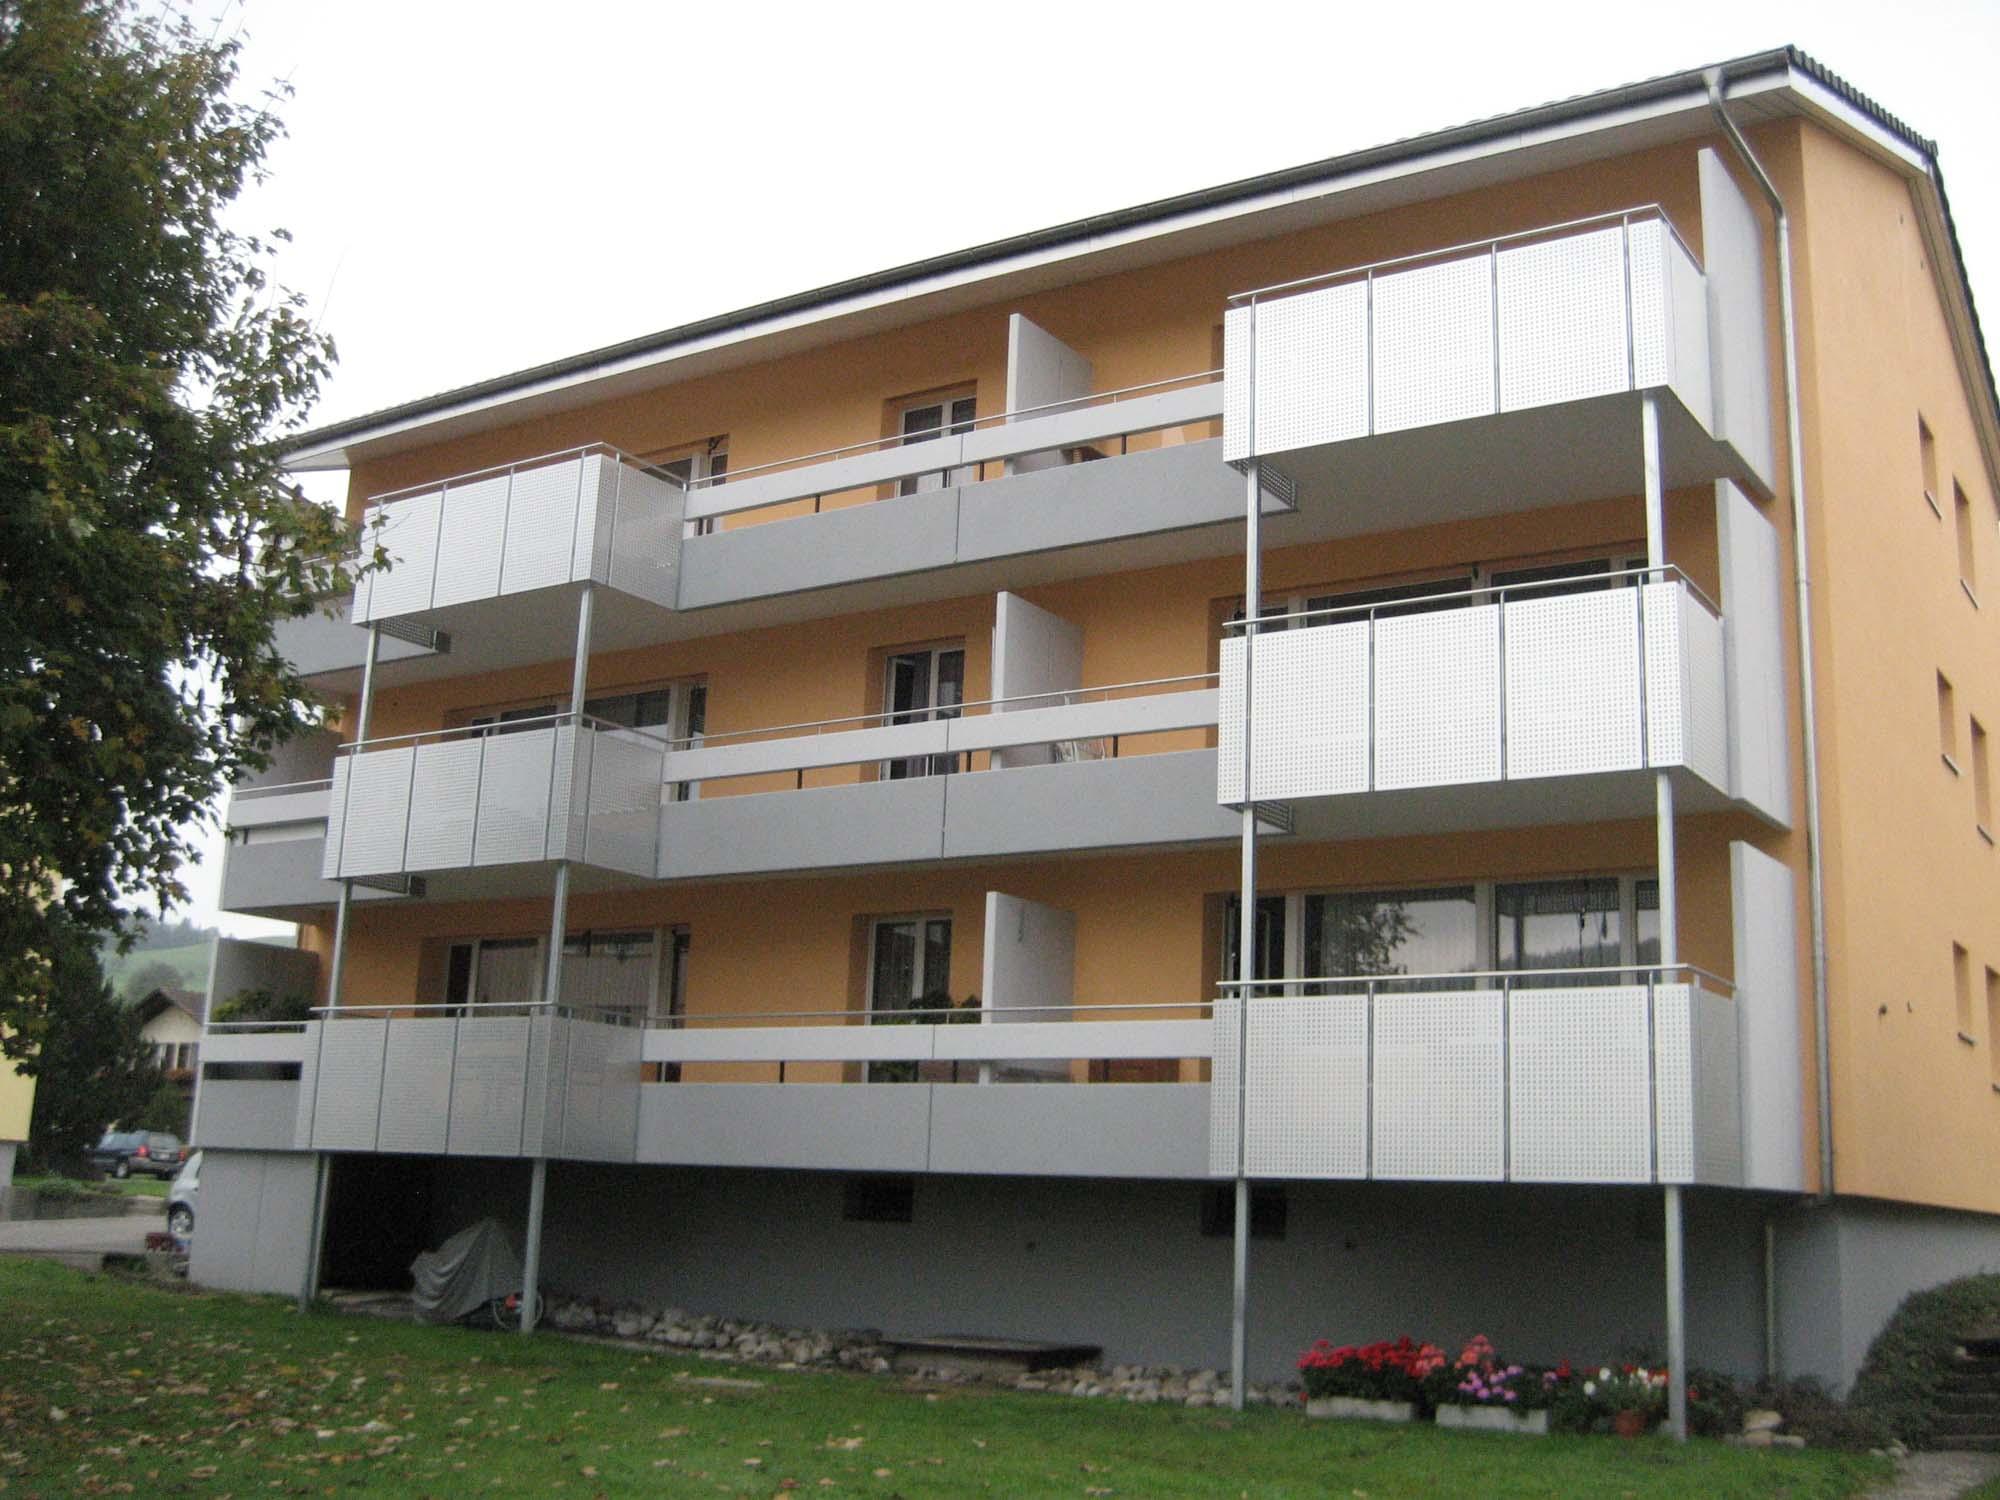 Balkonerweiterung-15